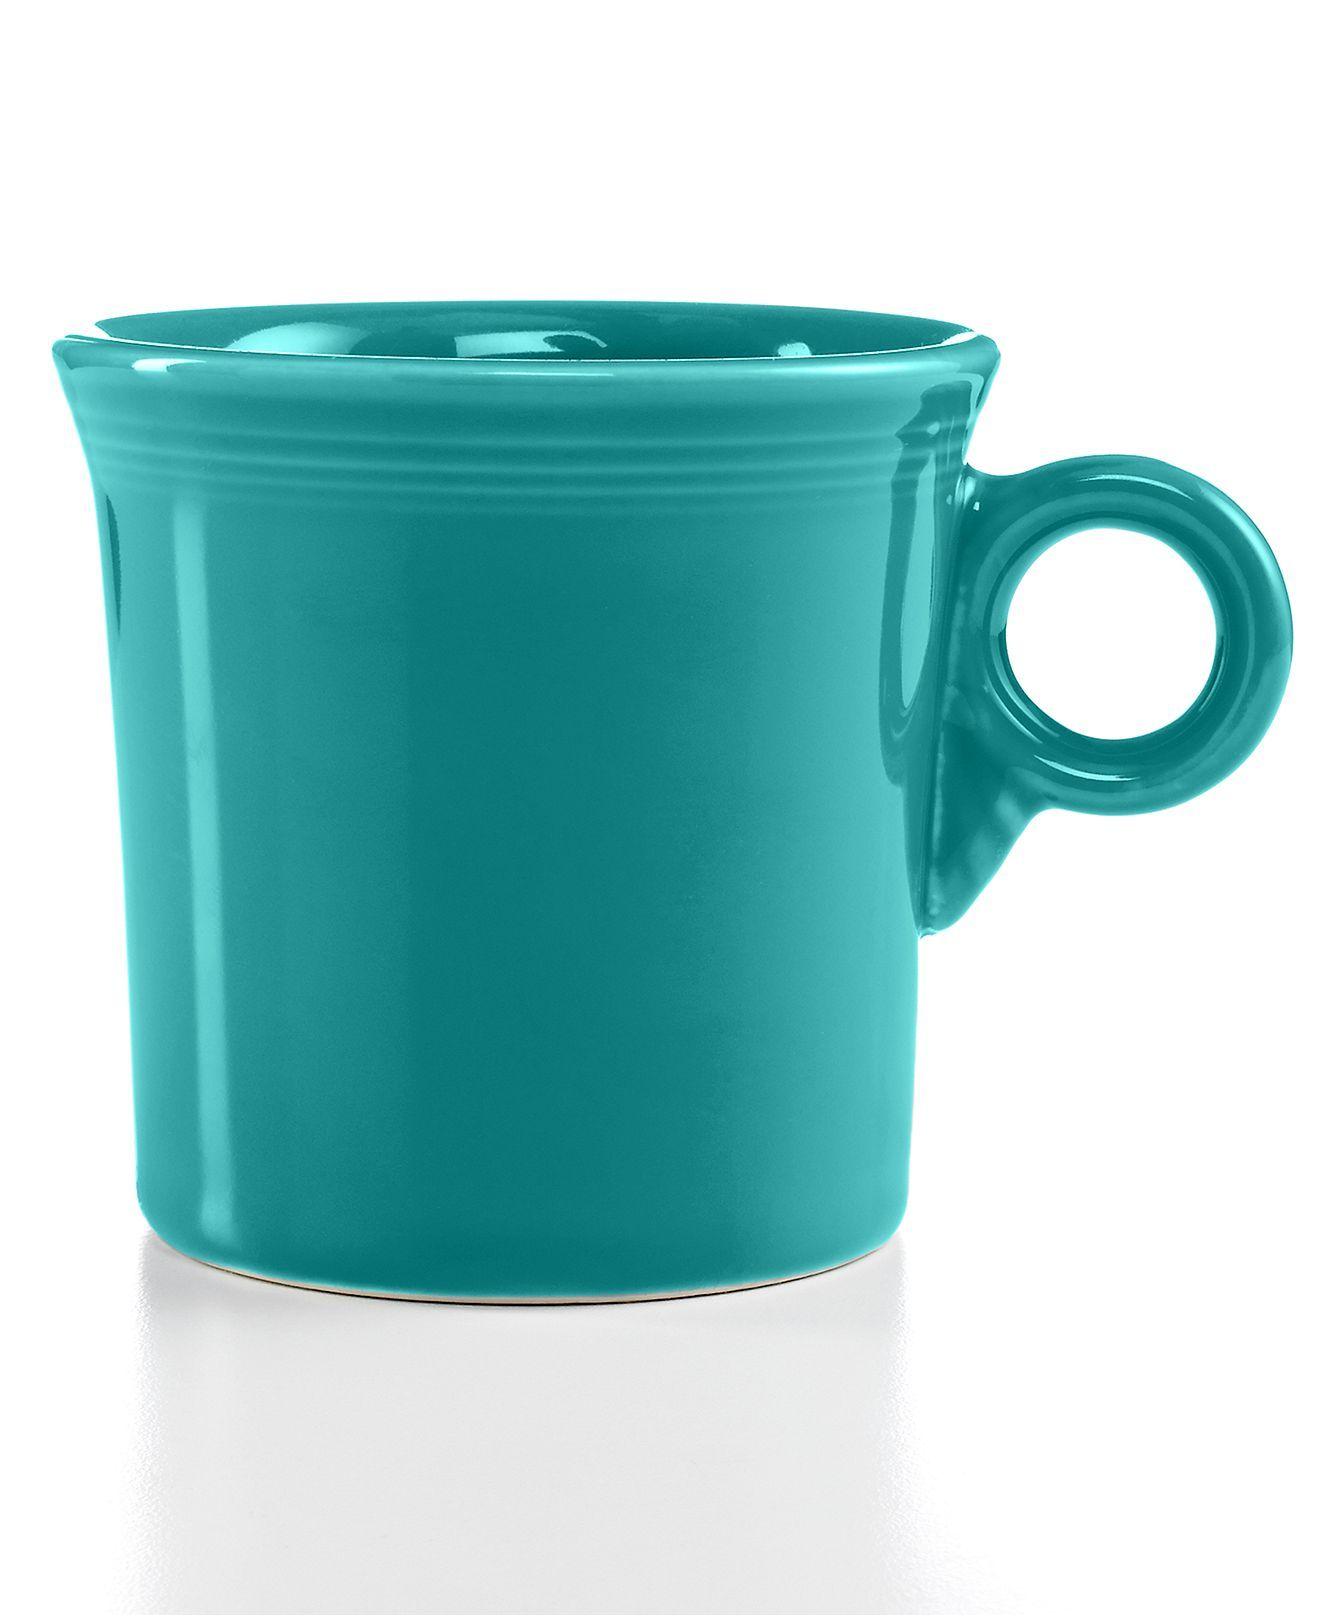 Fiesta 10-oz. Mug - Casual Dinnerware - Dining & Entertaining - Macy's